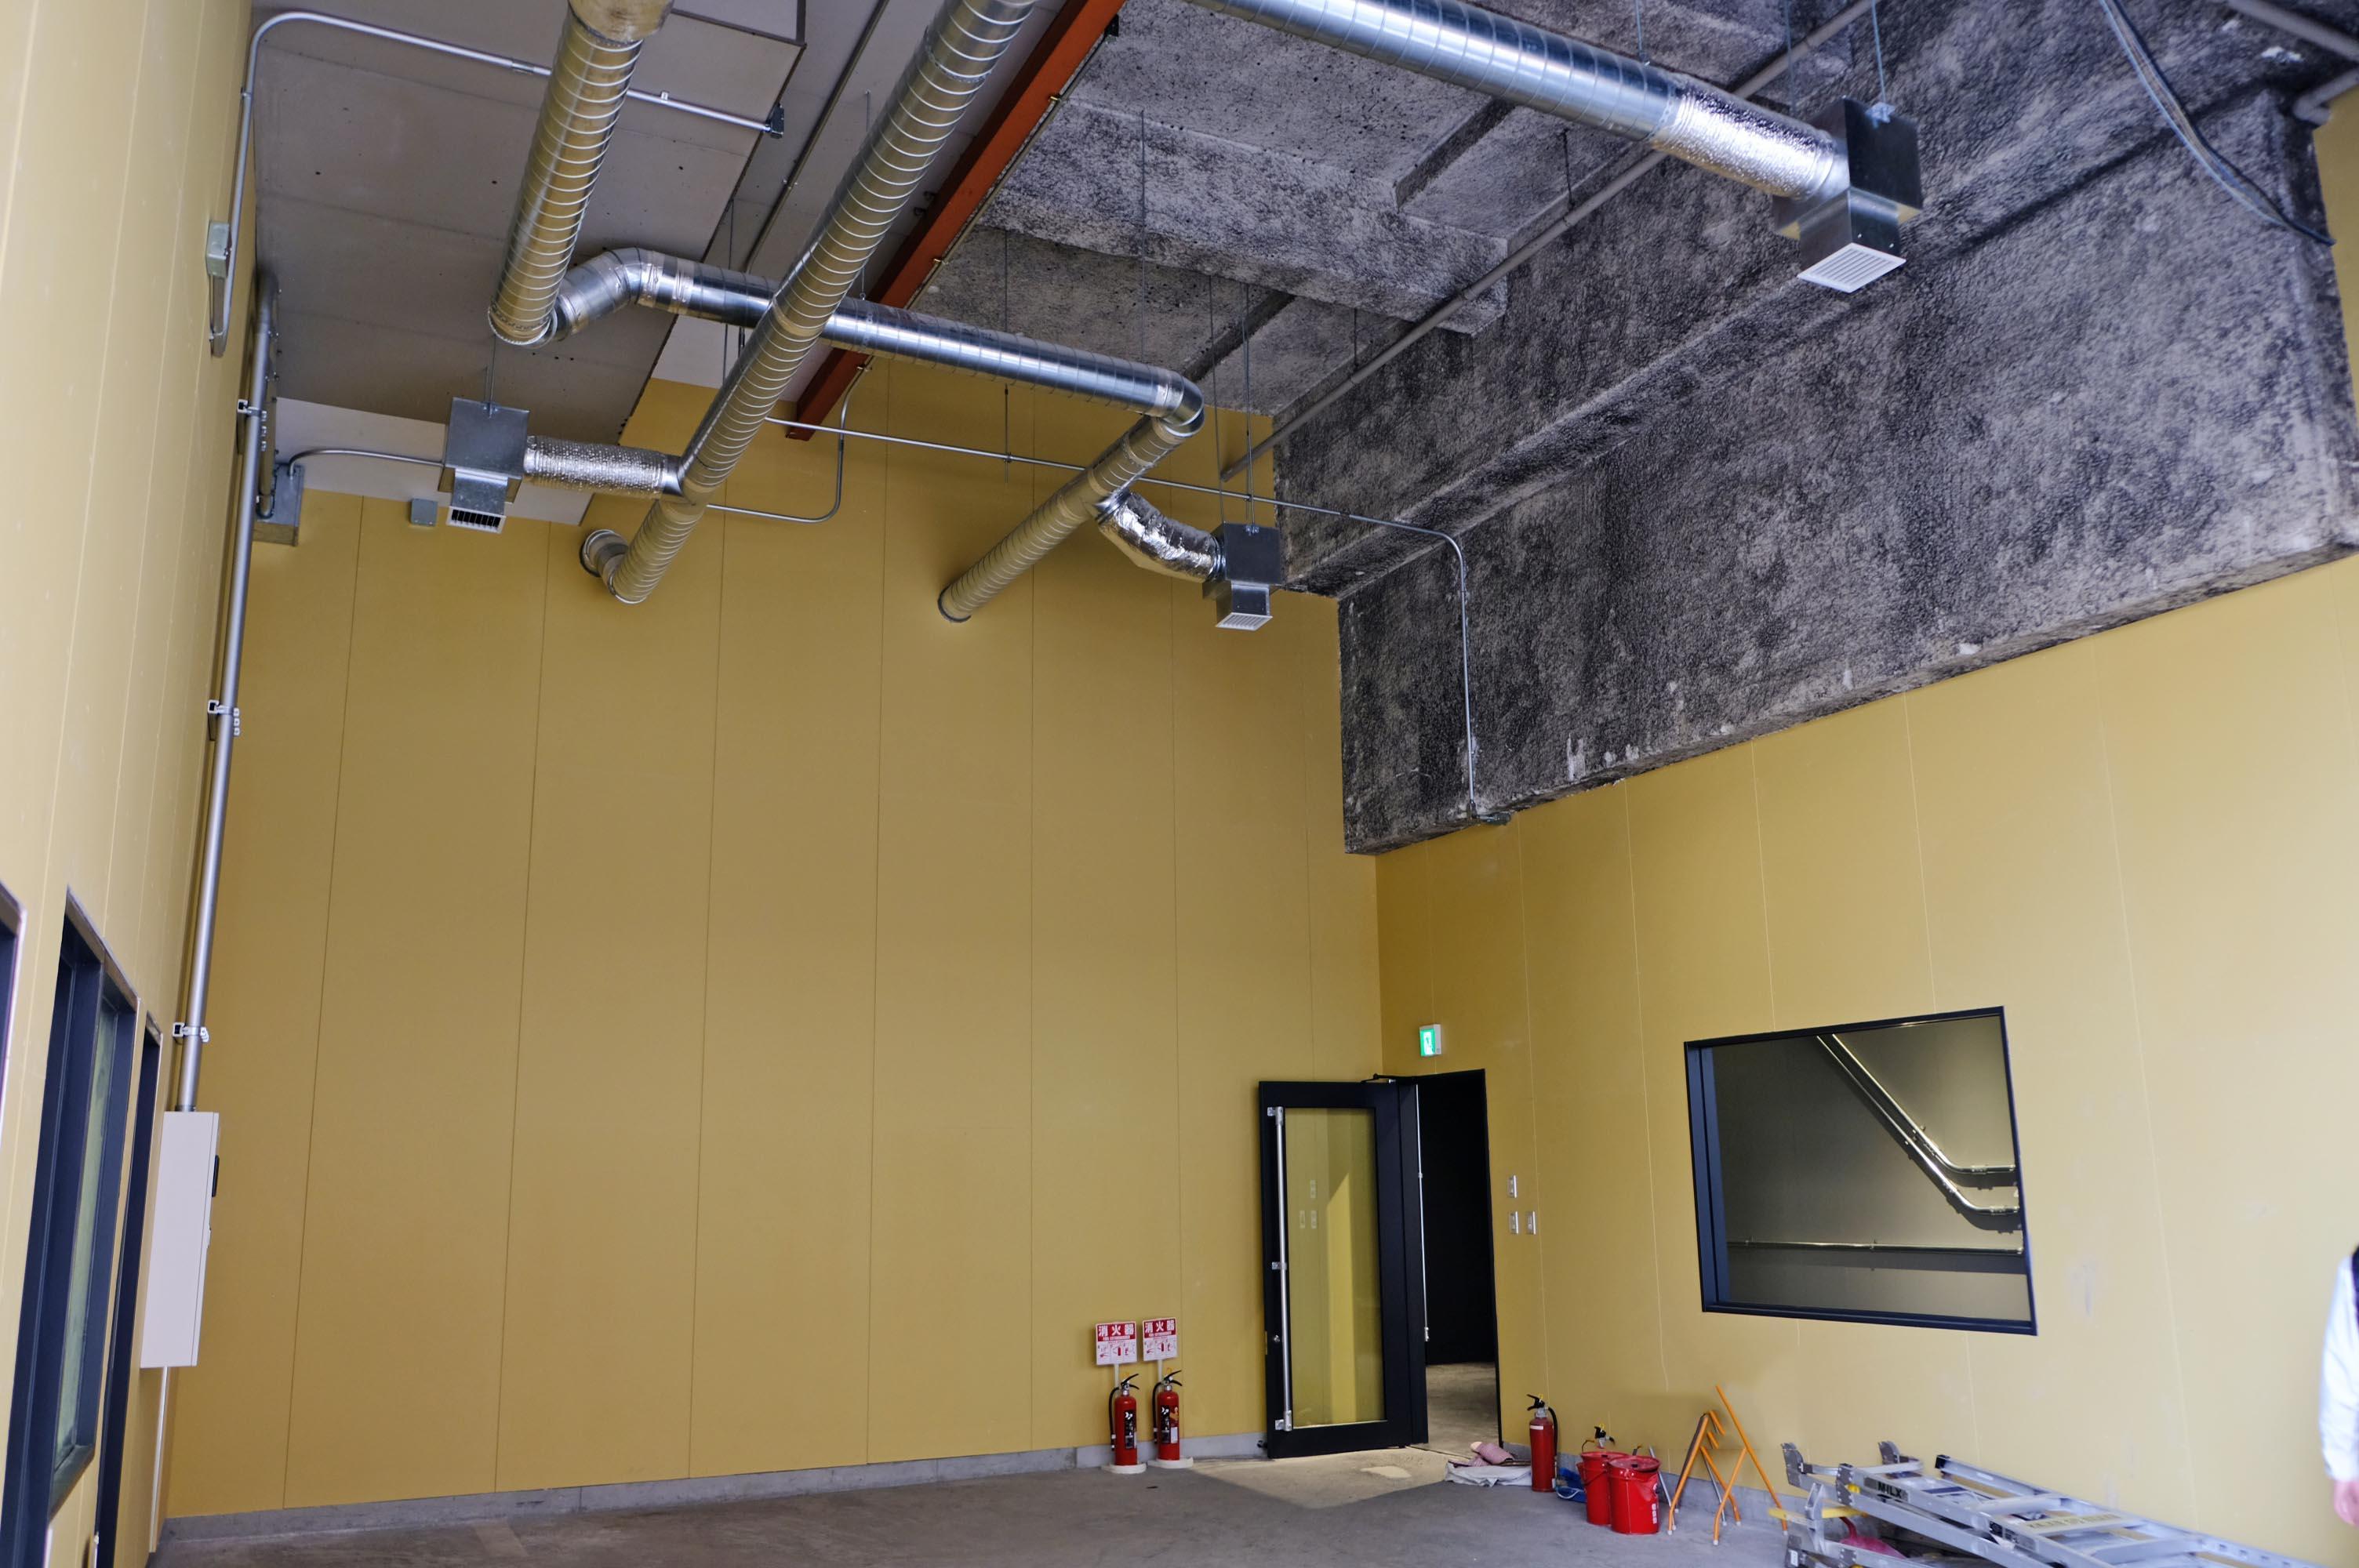 その顔となる空間に与えられたのは4〜5m級の天井高を誇る箱。